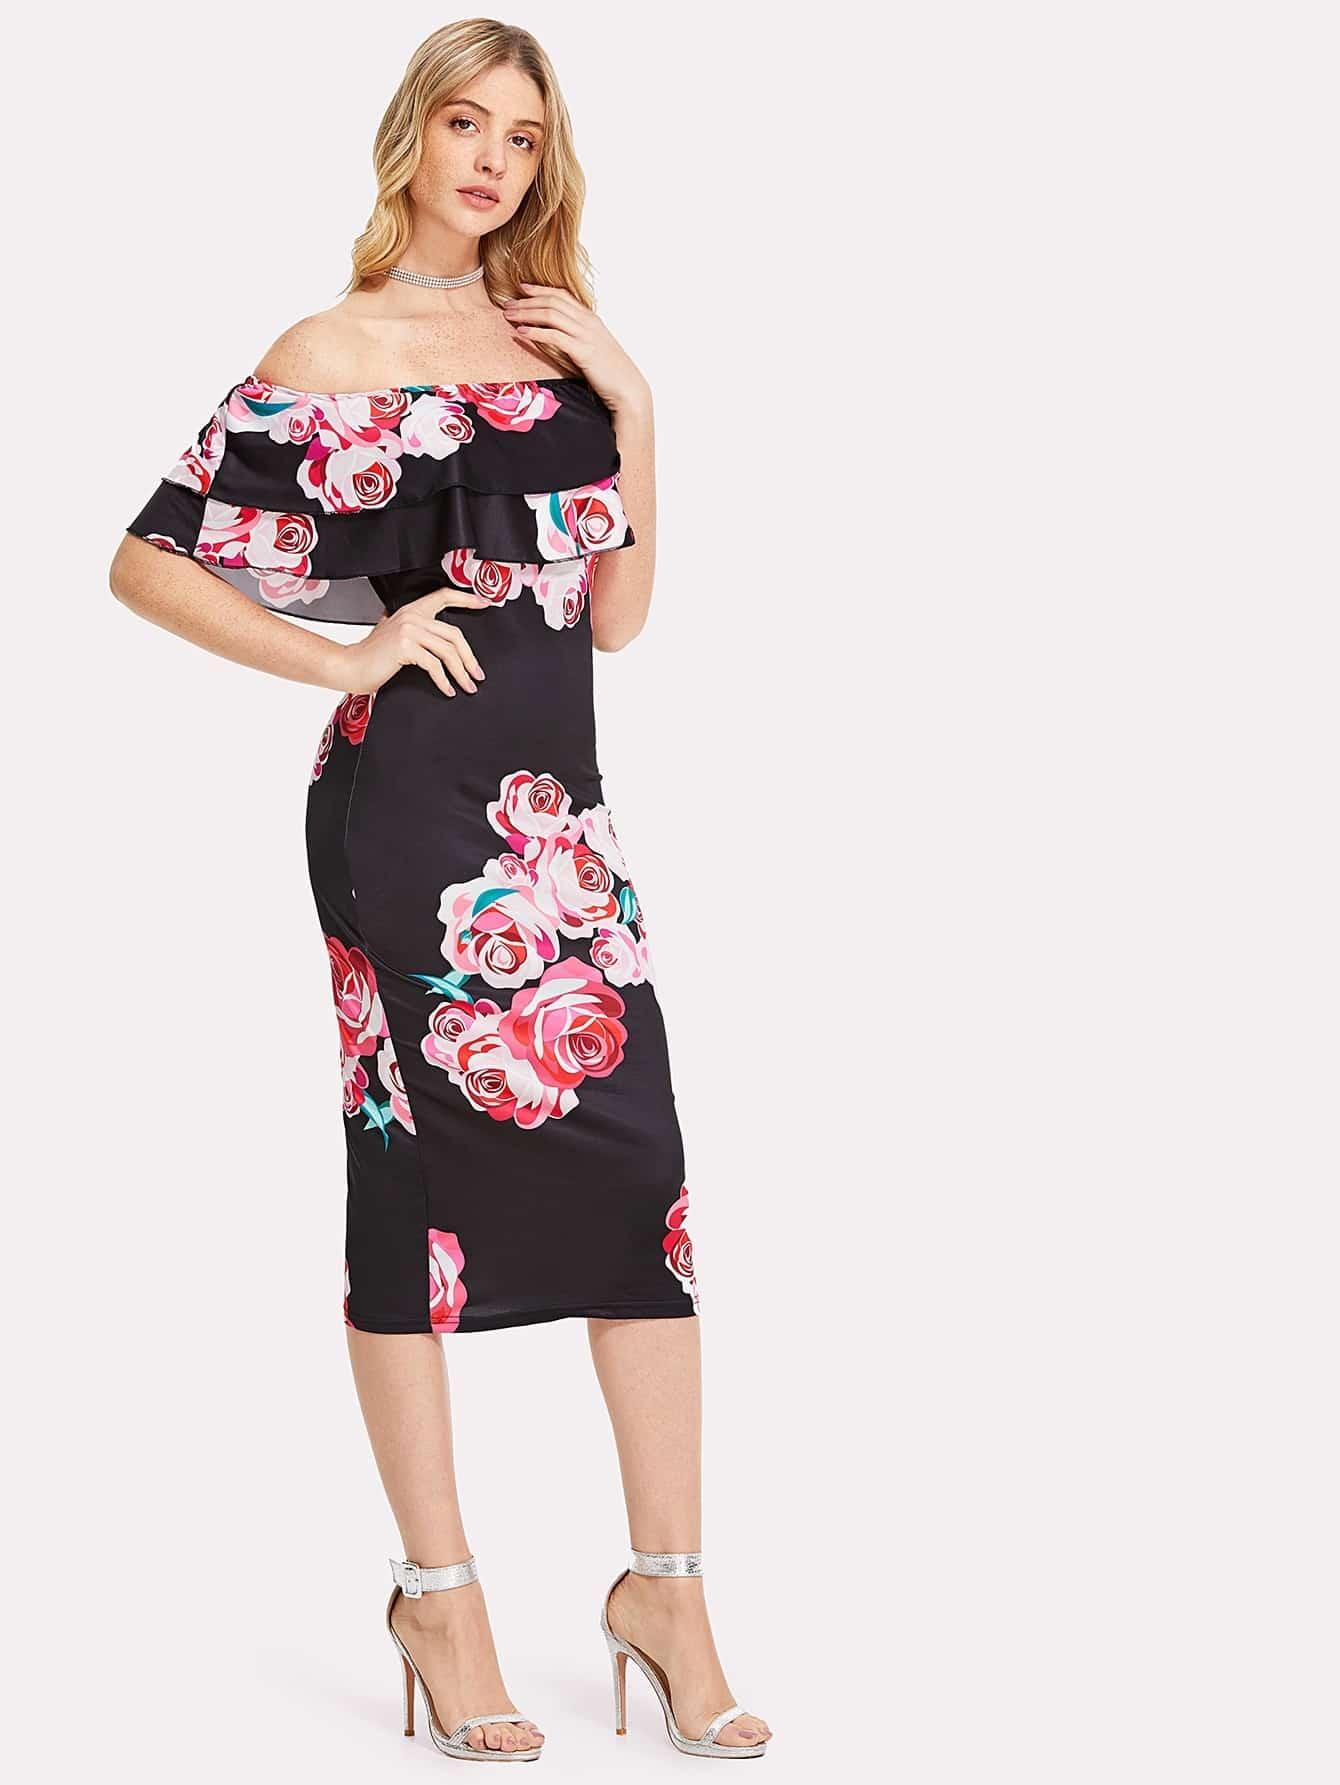 Flounce Bardot Neck Floral Pencil Dress floral flounce bardot dress